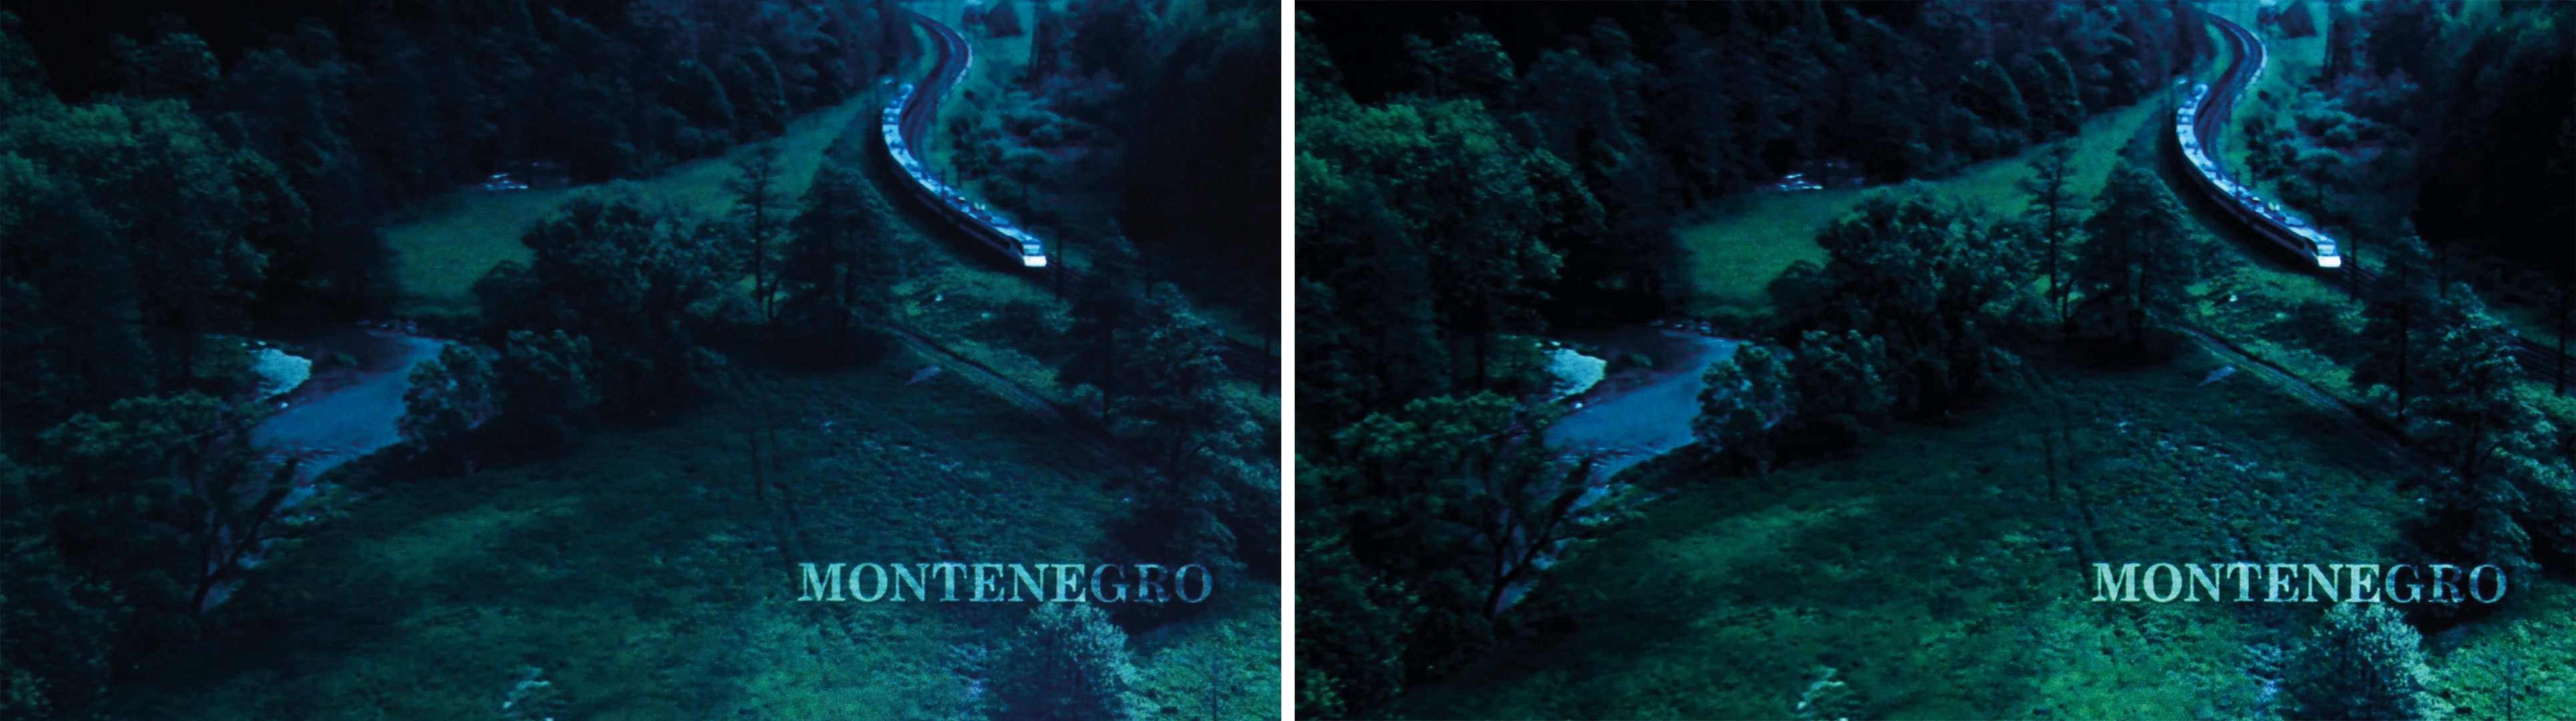 """Die Bildverarbeitung von Darbee analysiert vor allem schwache Kontraste. Zusammen mit """"Dynamic Black"""" wird das zuvor flaue Flussbett neben dem Gleis (links) plakativ neben grünen Wiesen herausgestellt (rechts)."""